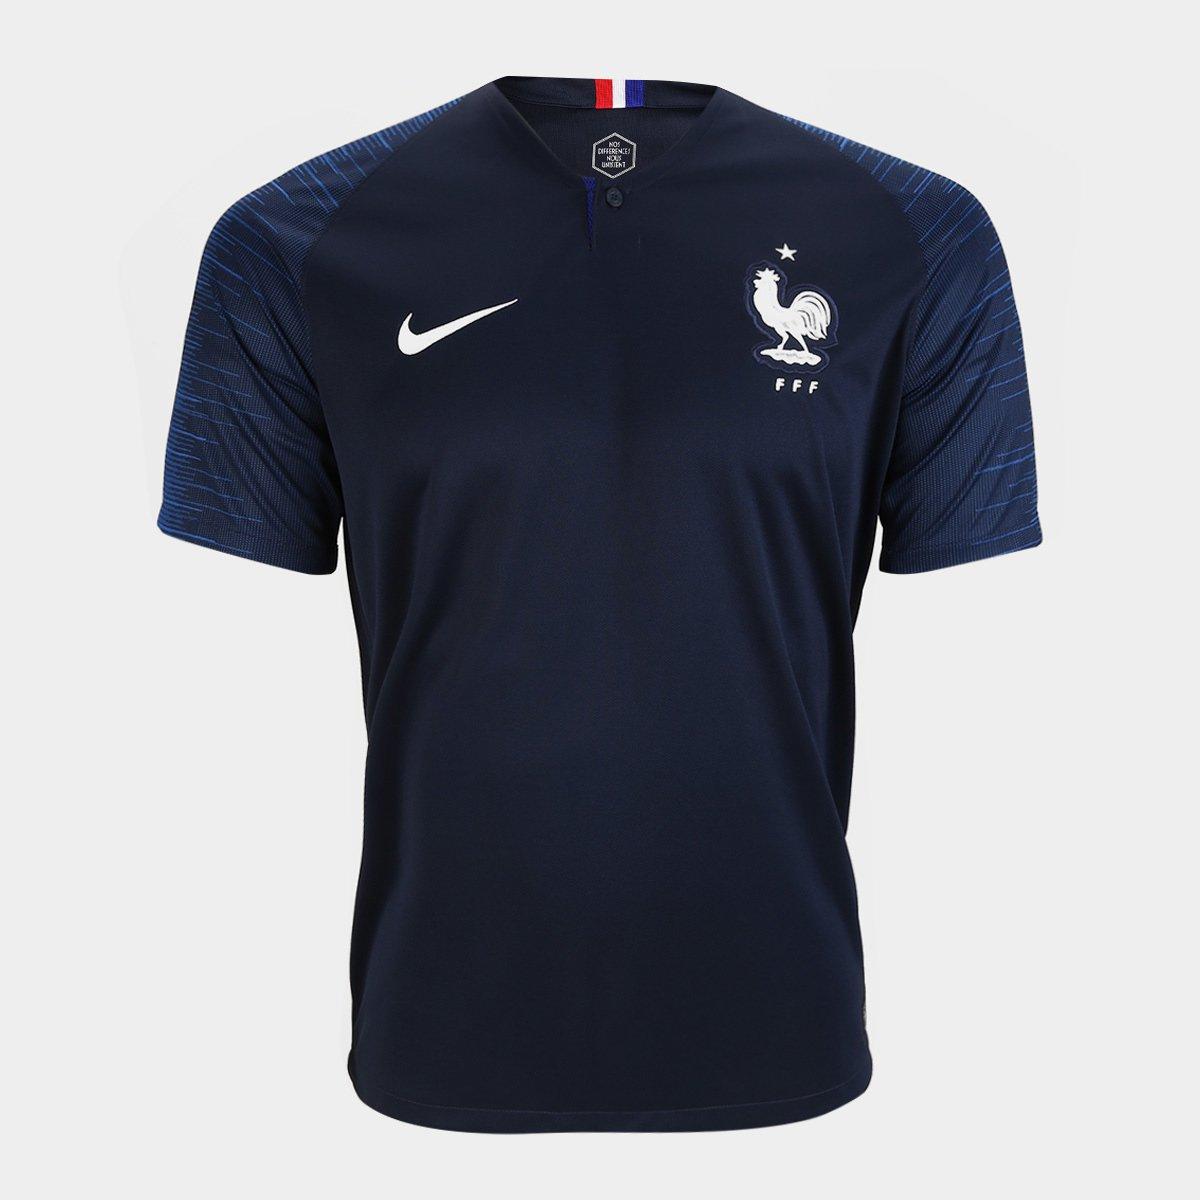 d5dccba1ff ... Camisa Seleção França Home 2018 n° 6 Pogba - Torcedor Nike Masculina ...